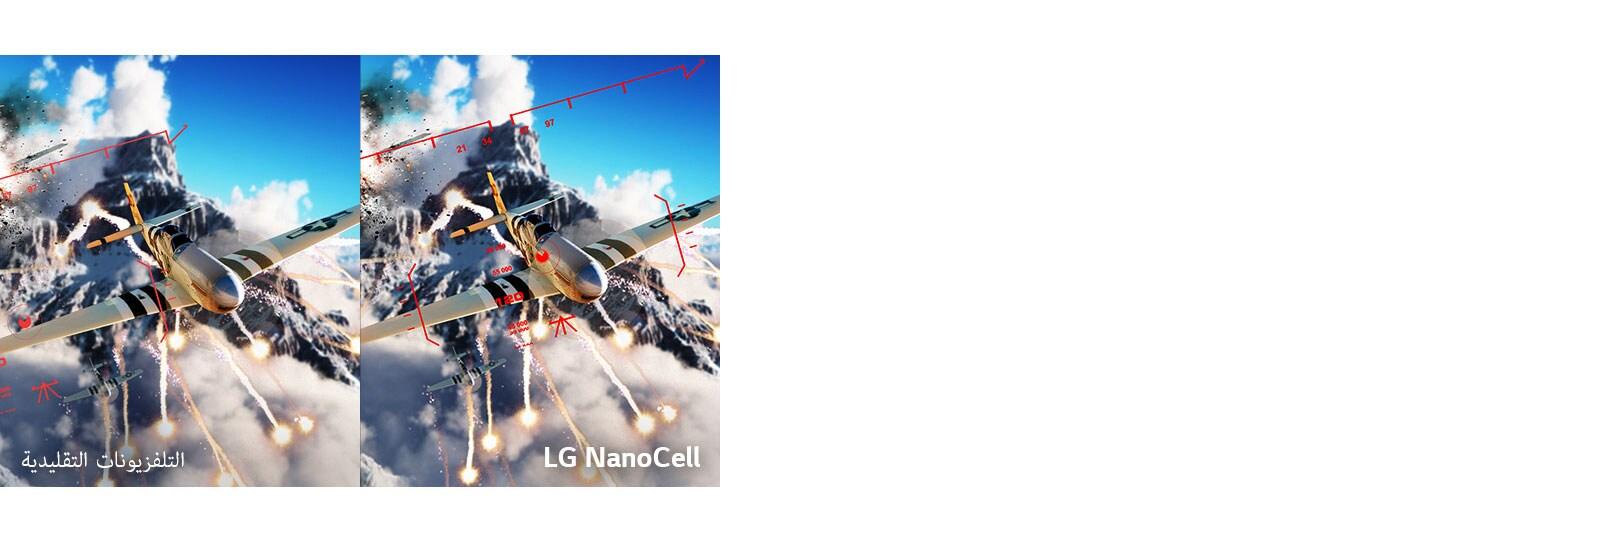 مشهد من لعبة قتالية يظهر به إحدى الطائرات